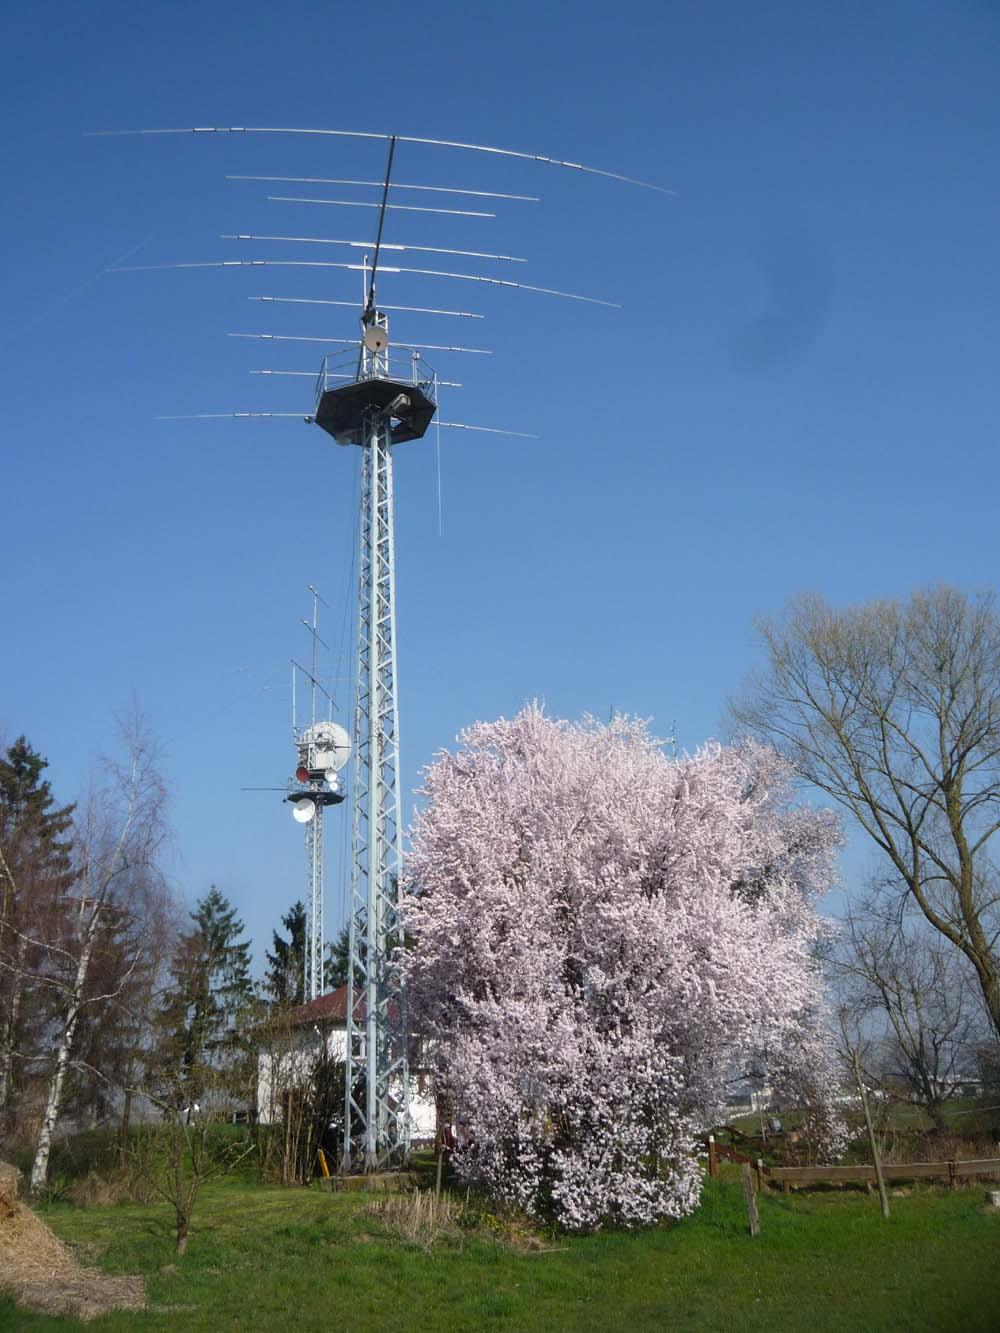 1000 - Wasserhaus Antenne und Blueten